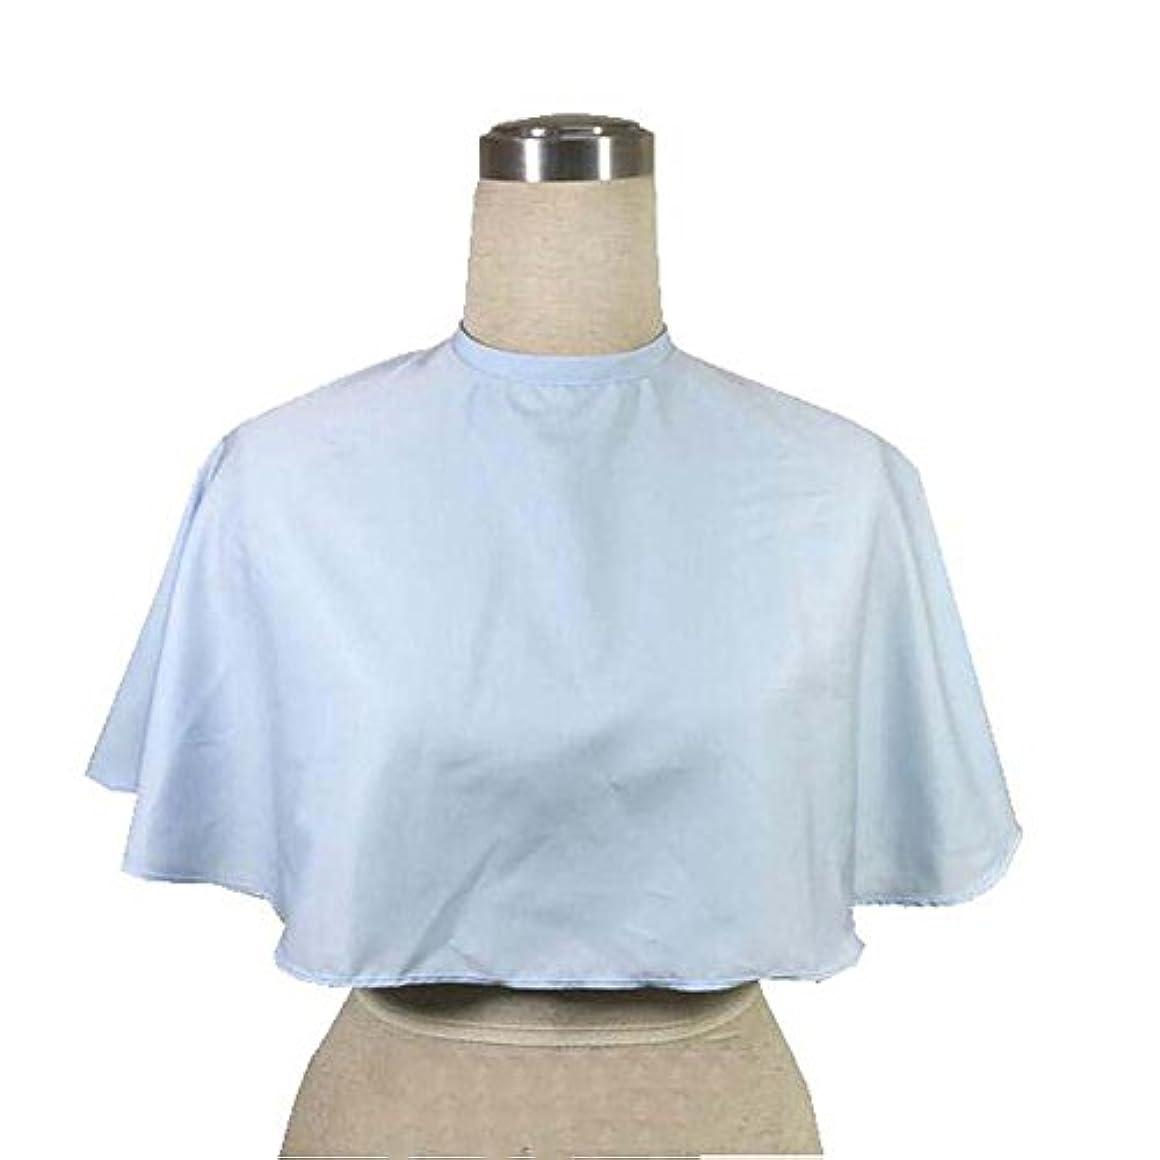 肘掛け椅子ナラーバー神プロの防水短い髪ケープサロンの美容院のドレス